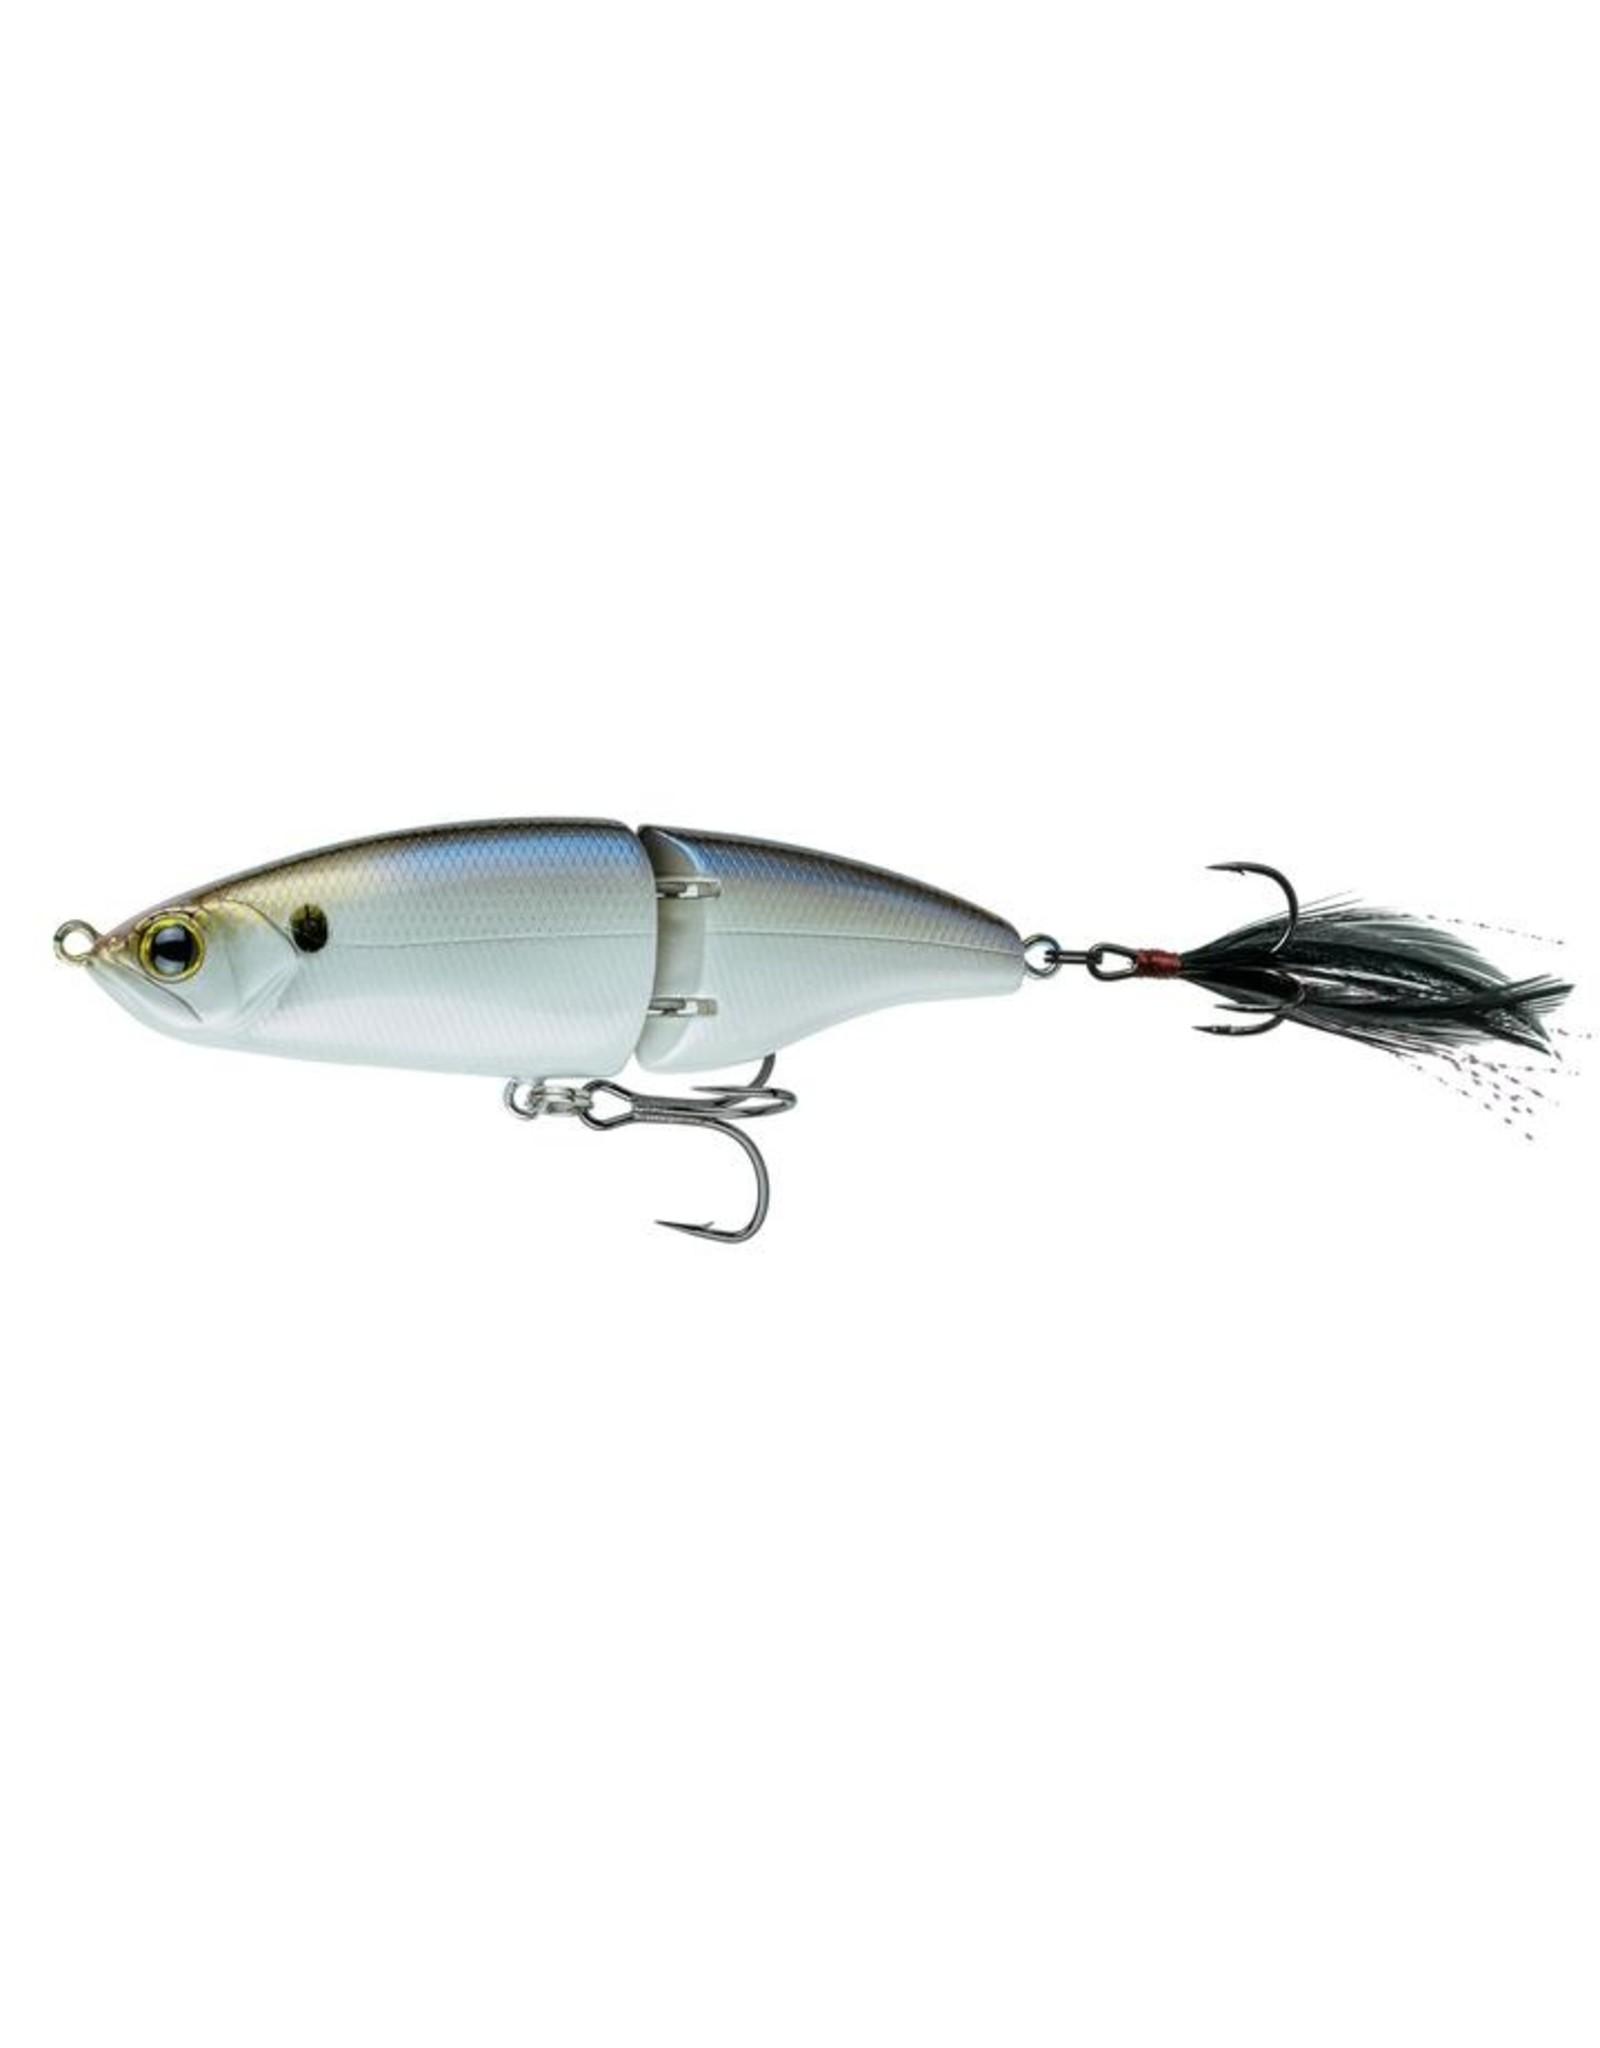 6th Sense Fishing 6th Sense Speed Glide 100 FW